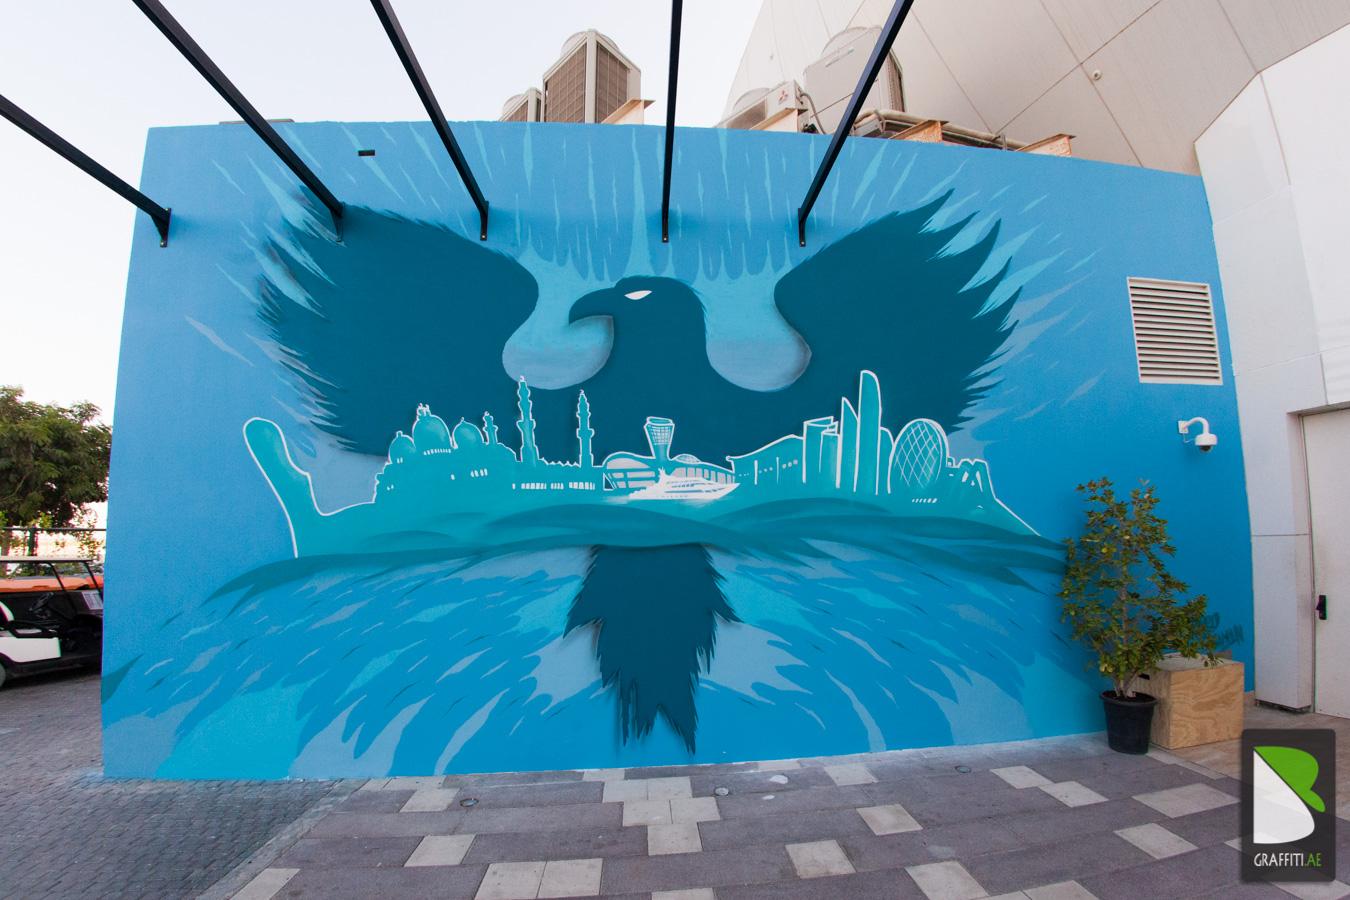 Graffiti wall uae - Uae Falcon Graffiti Yas